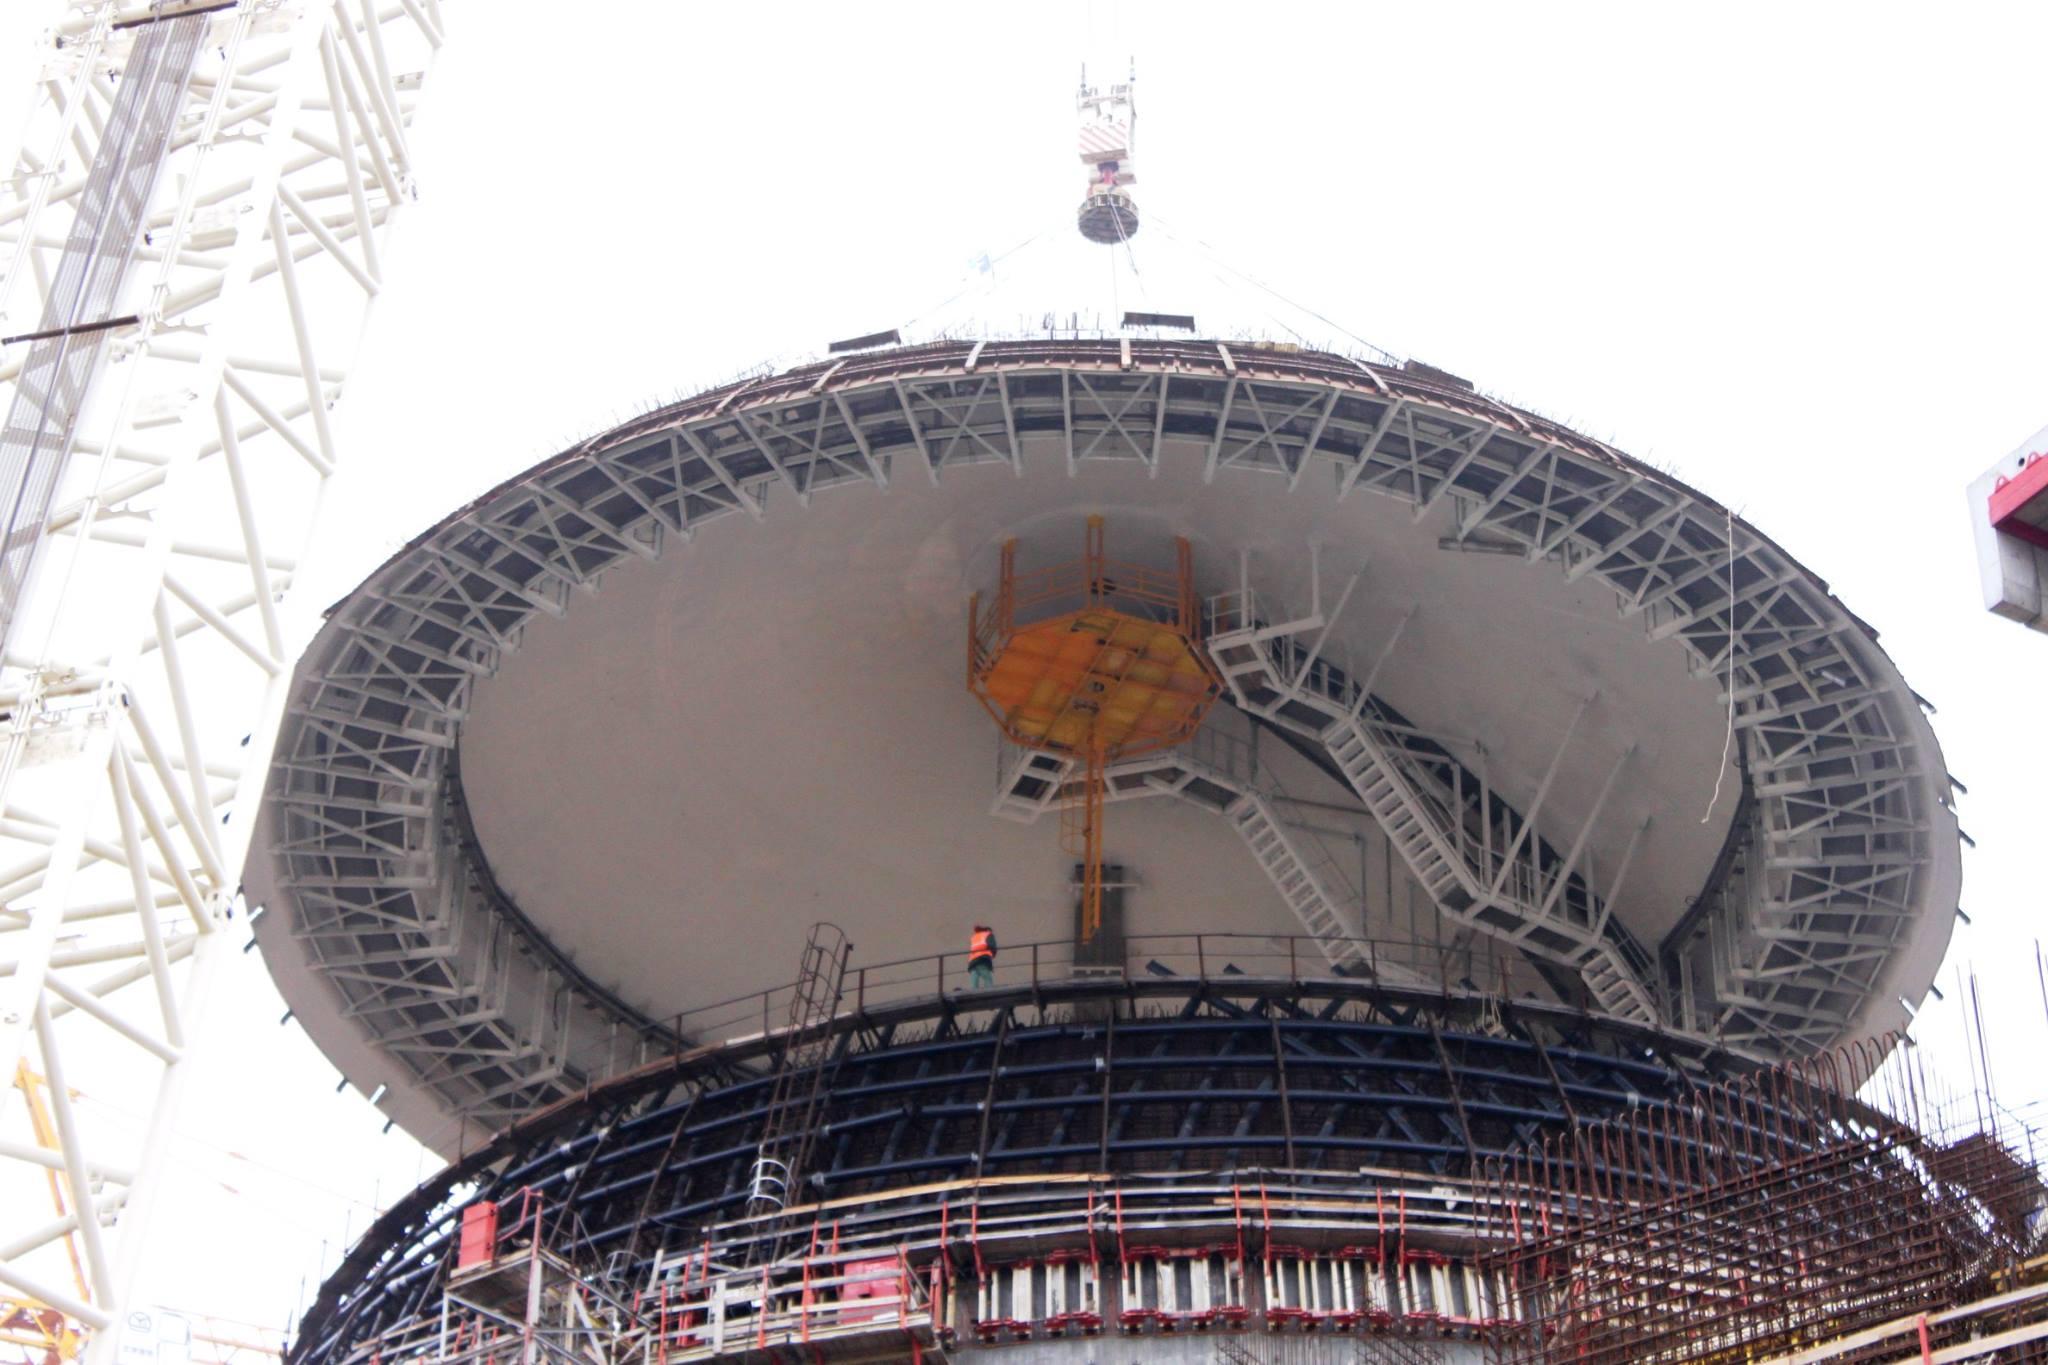 На энергоблоке №2 Нововоронежской АЭС установлен второй ярус наружной защитной оболочки АЭС